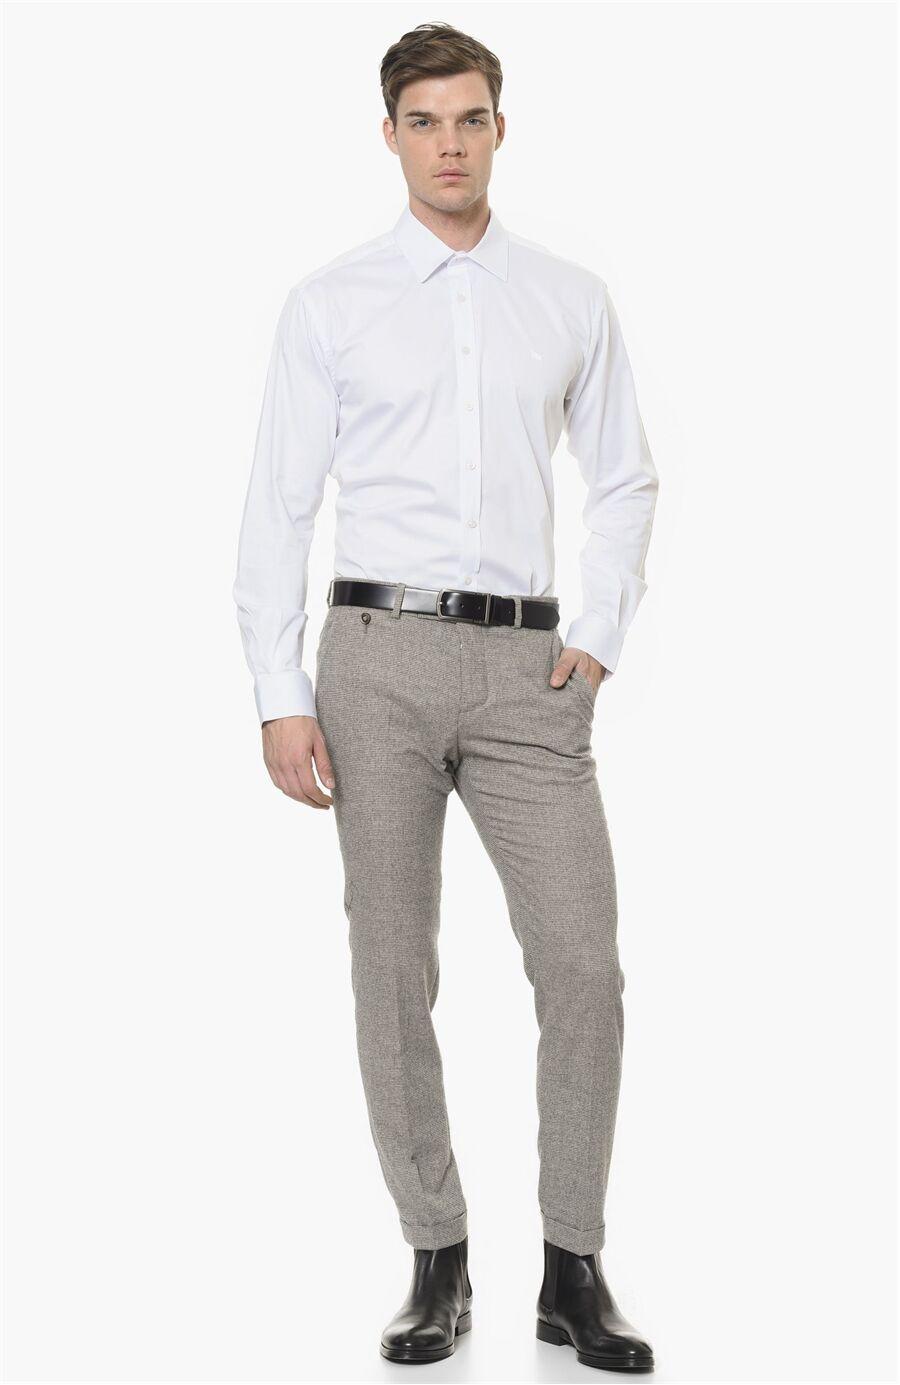 Slım Fit Beyaz Gömlek